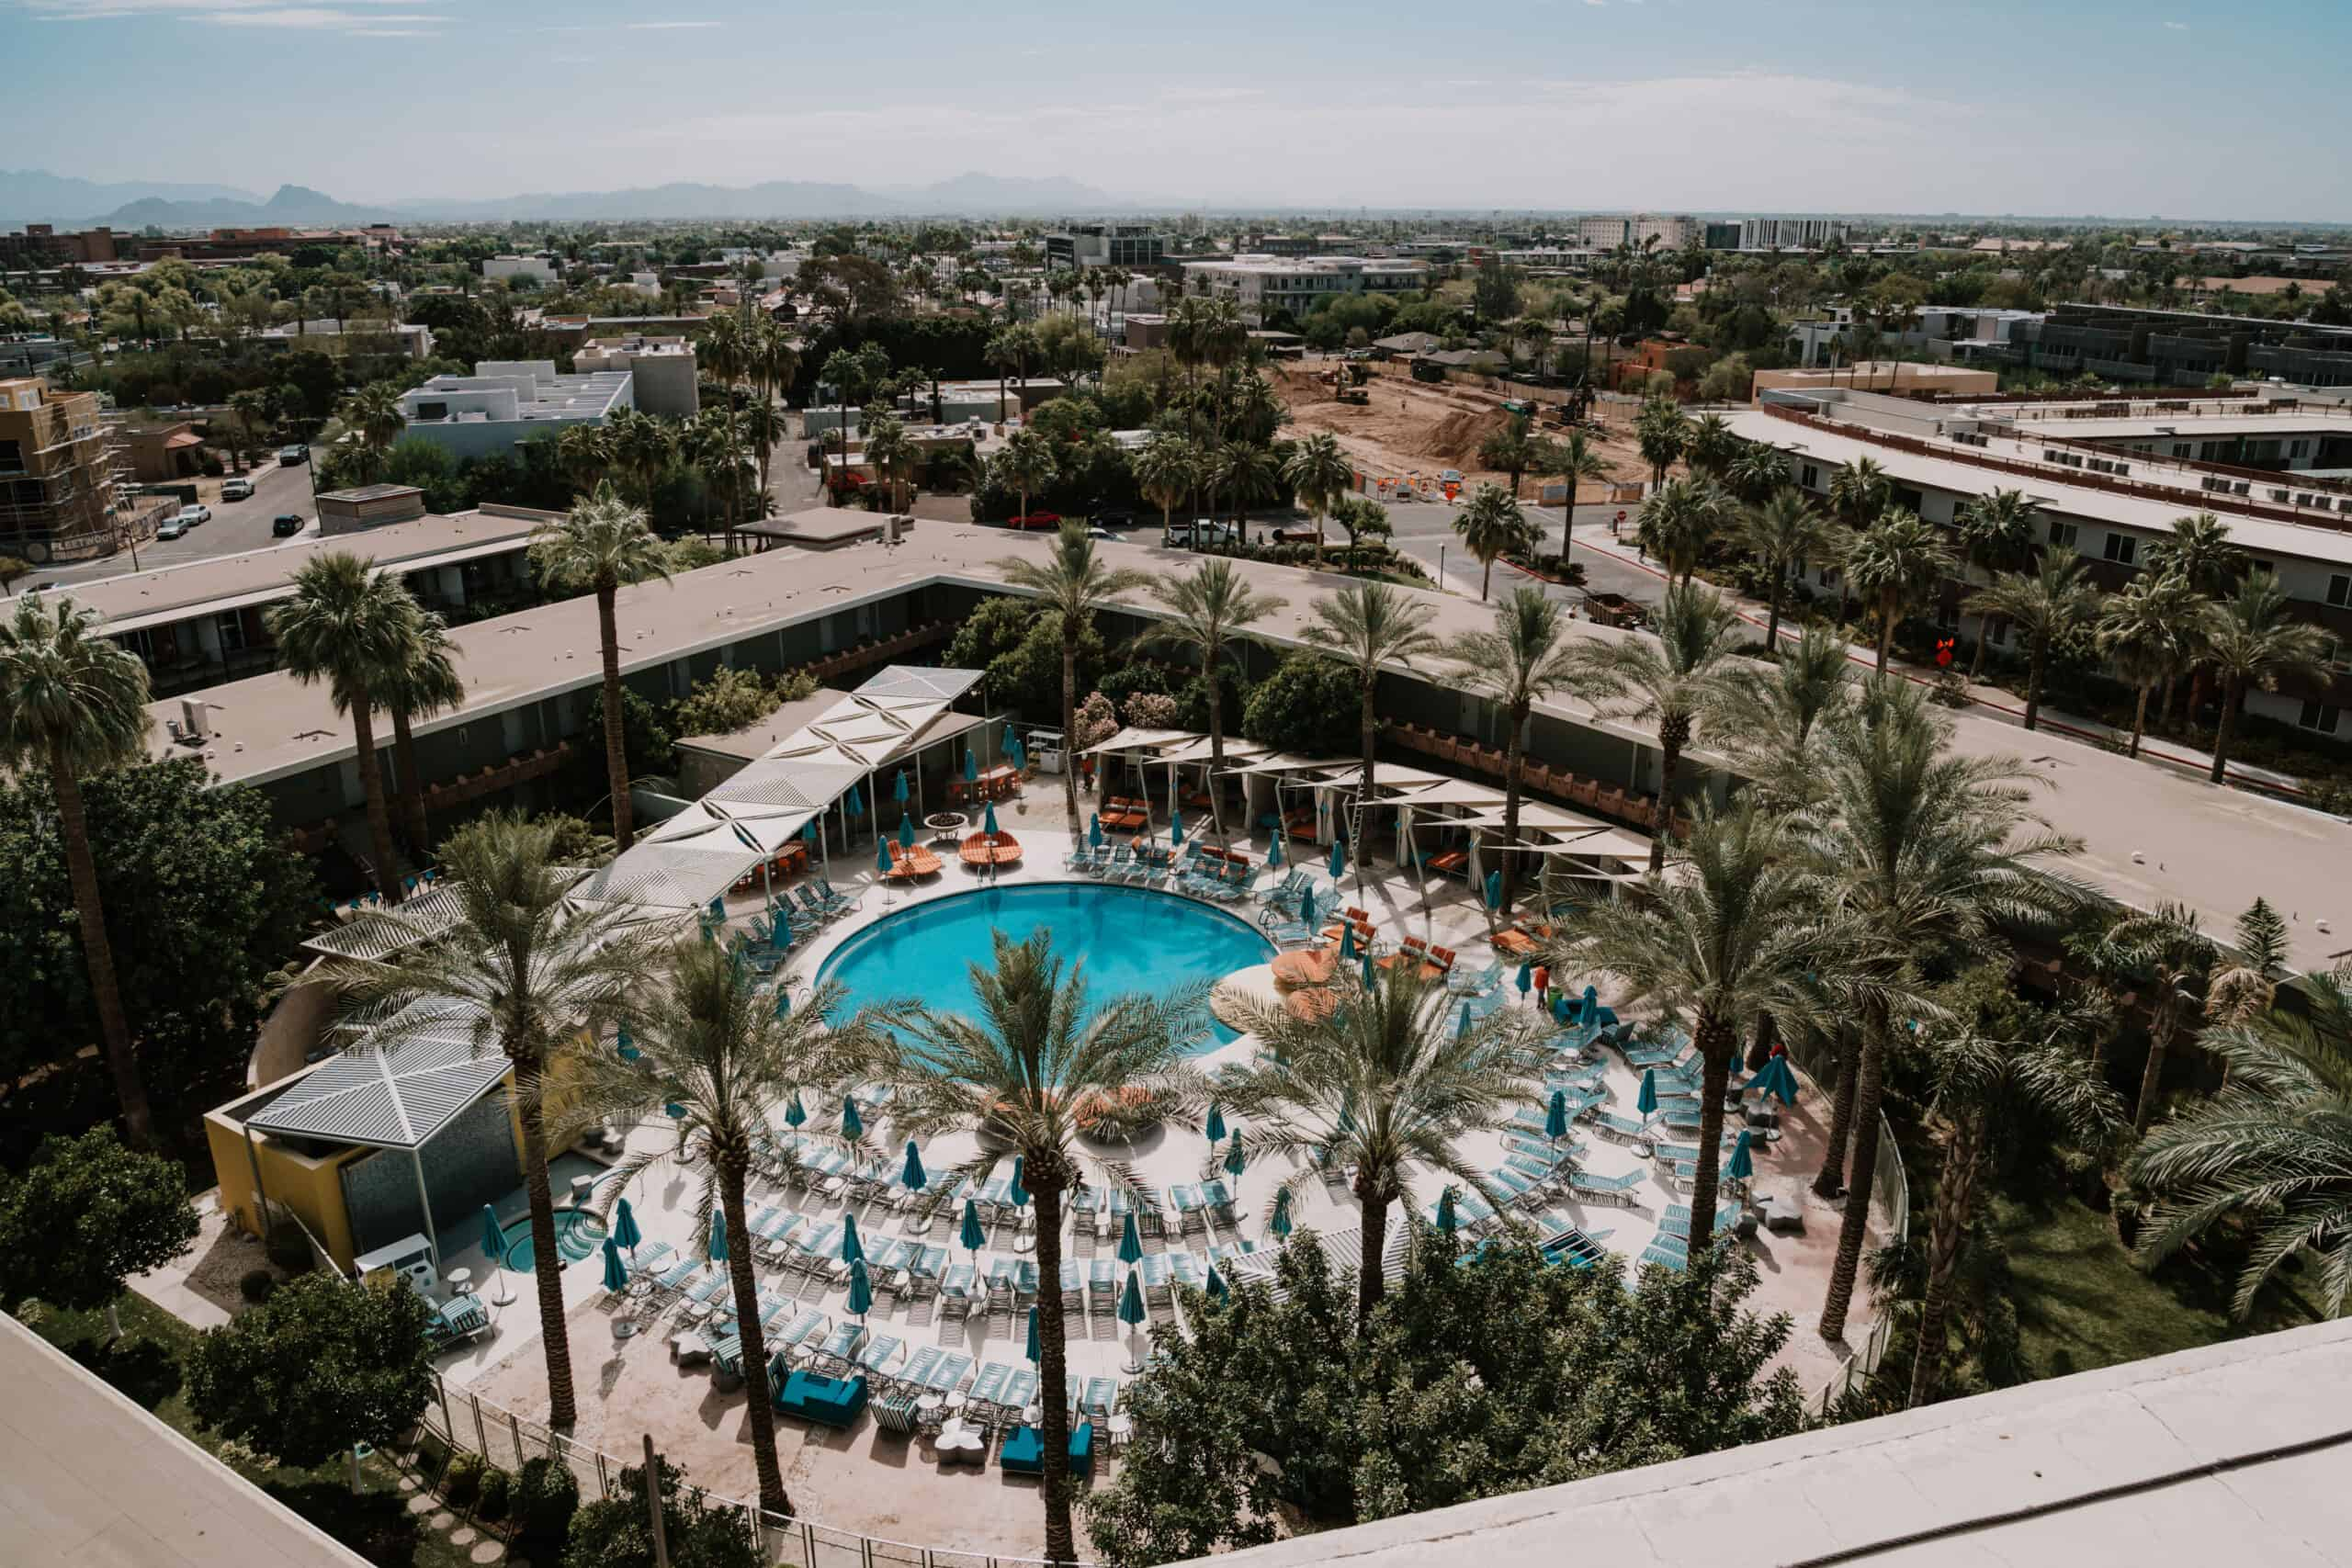 Hotel Valley Ho Scottsdale